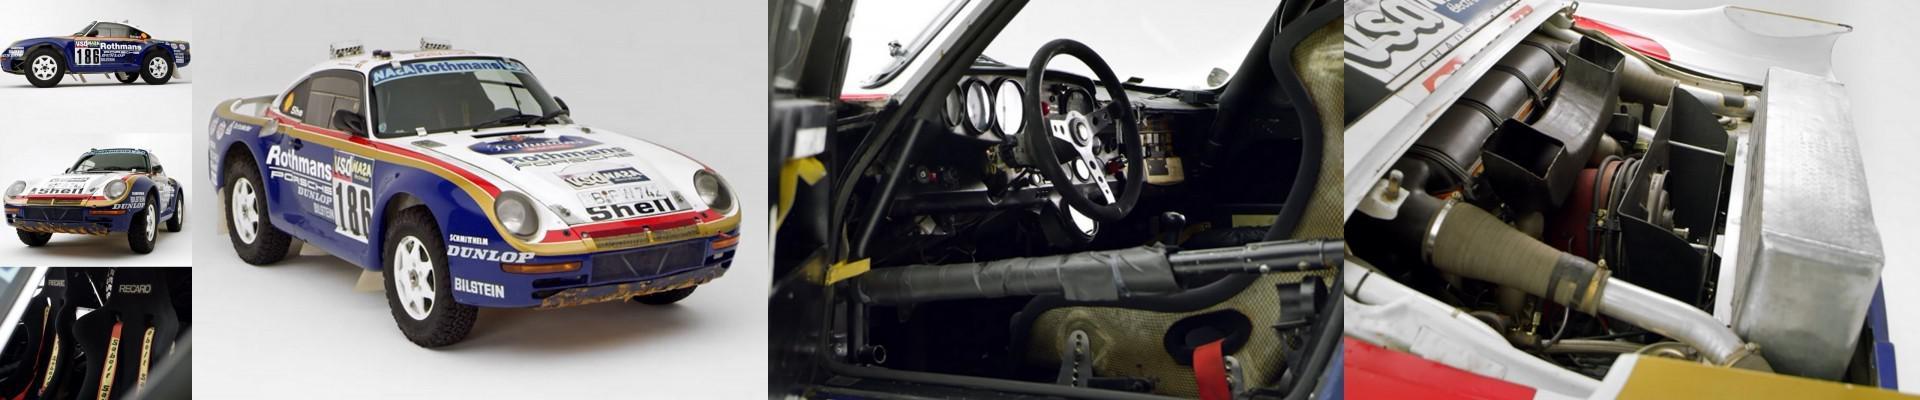 Redécouvrez la Porsche 959 Paris-Dakar